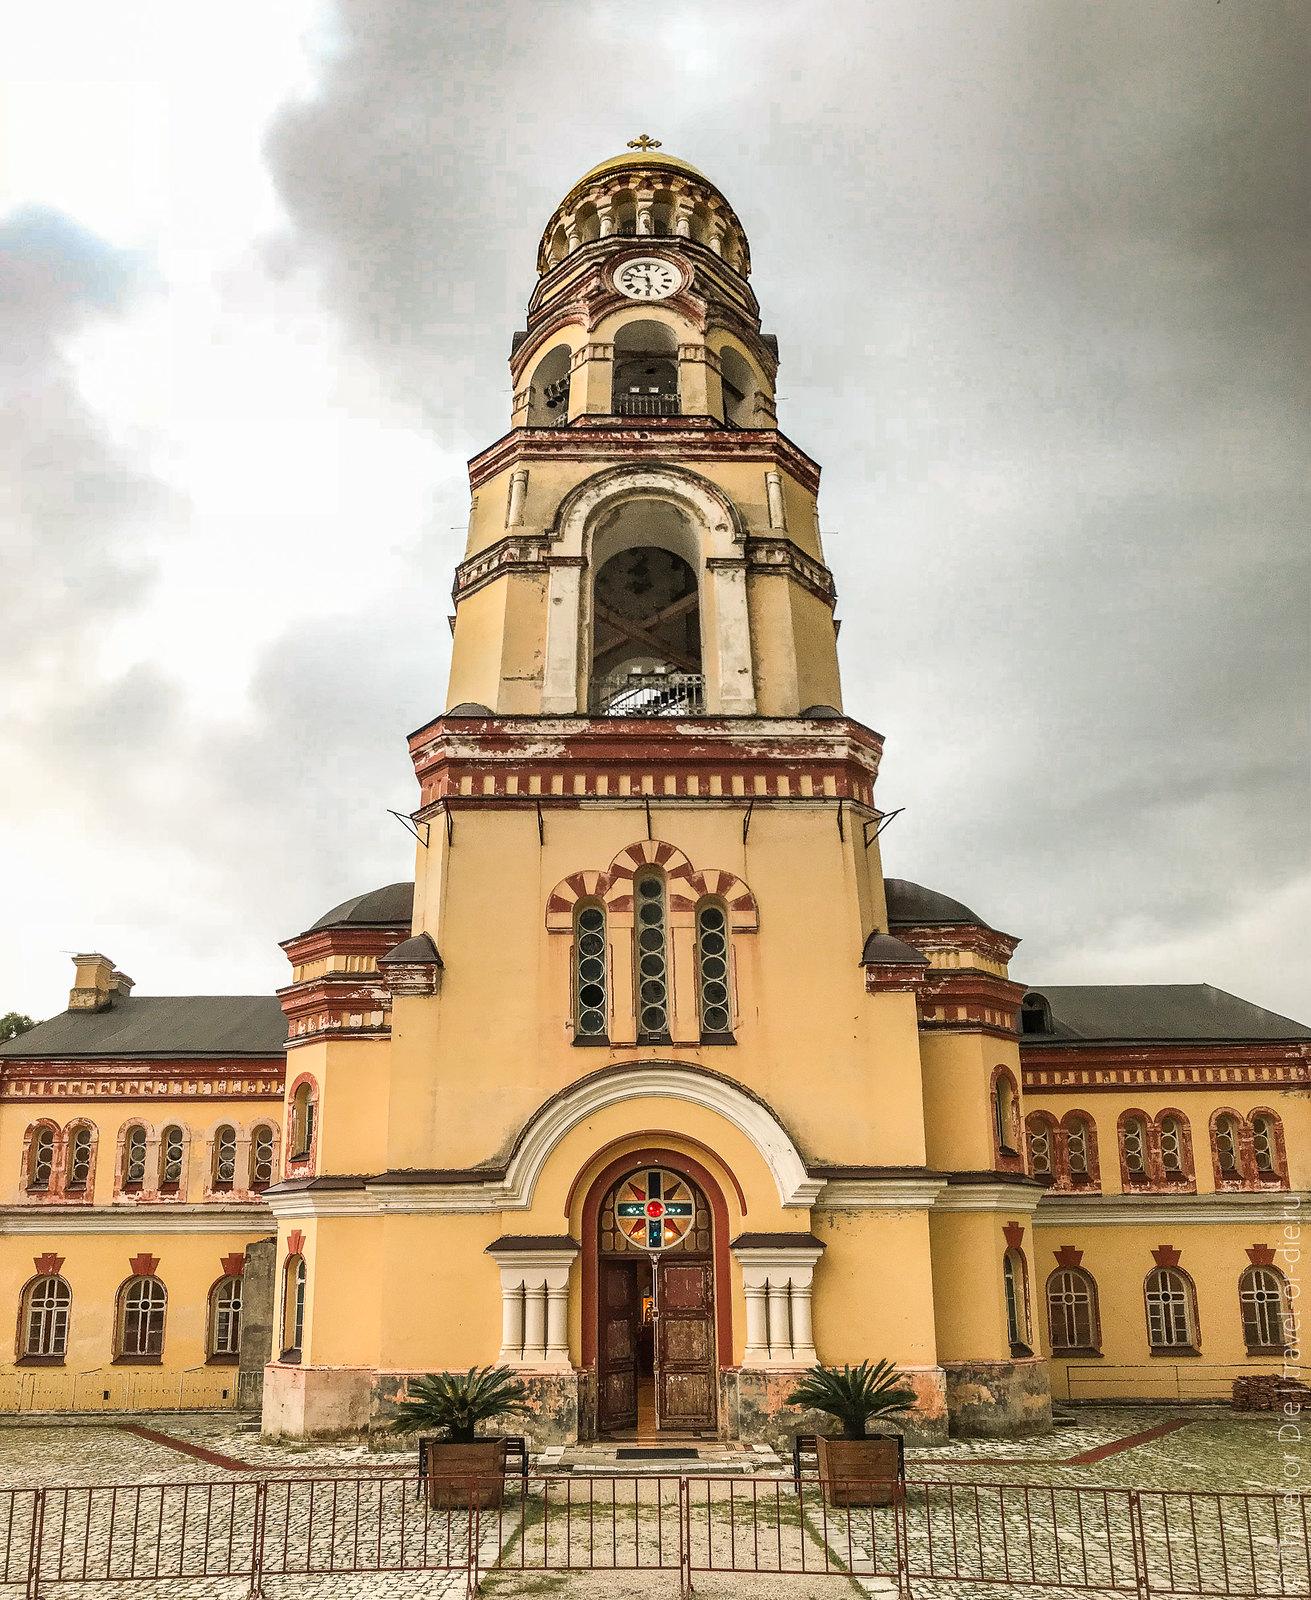 Новоафонский-монастырь-New-Athos-Monastery-Abkhazia-7900